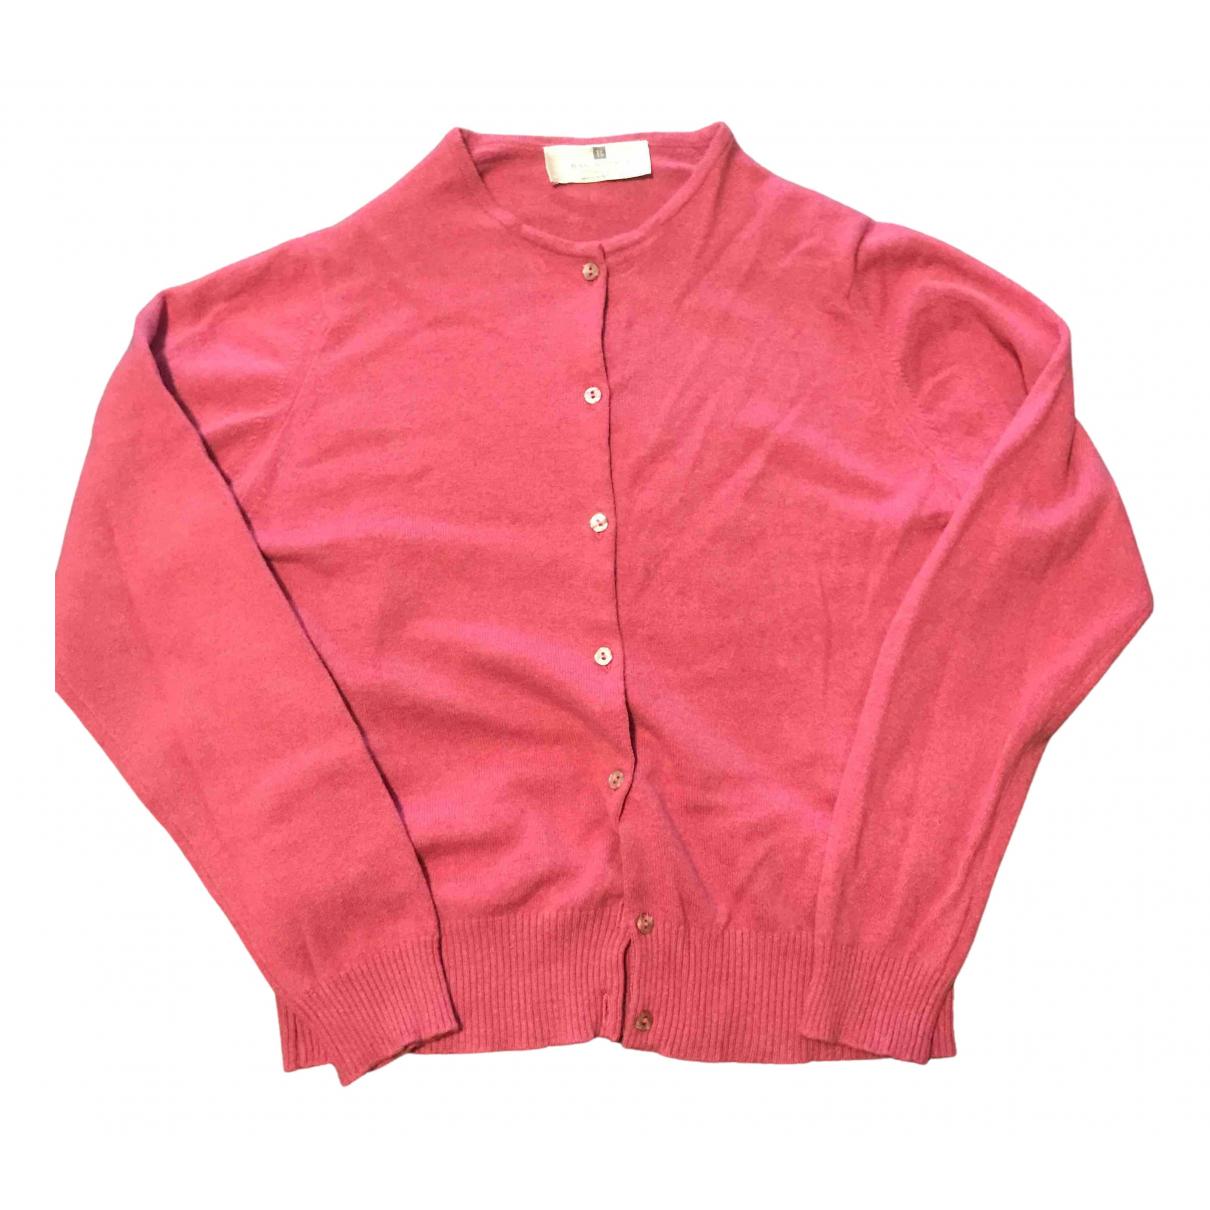 Ballantyne N Pink Cashmere Knitwear for Women M International